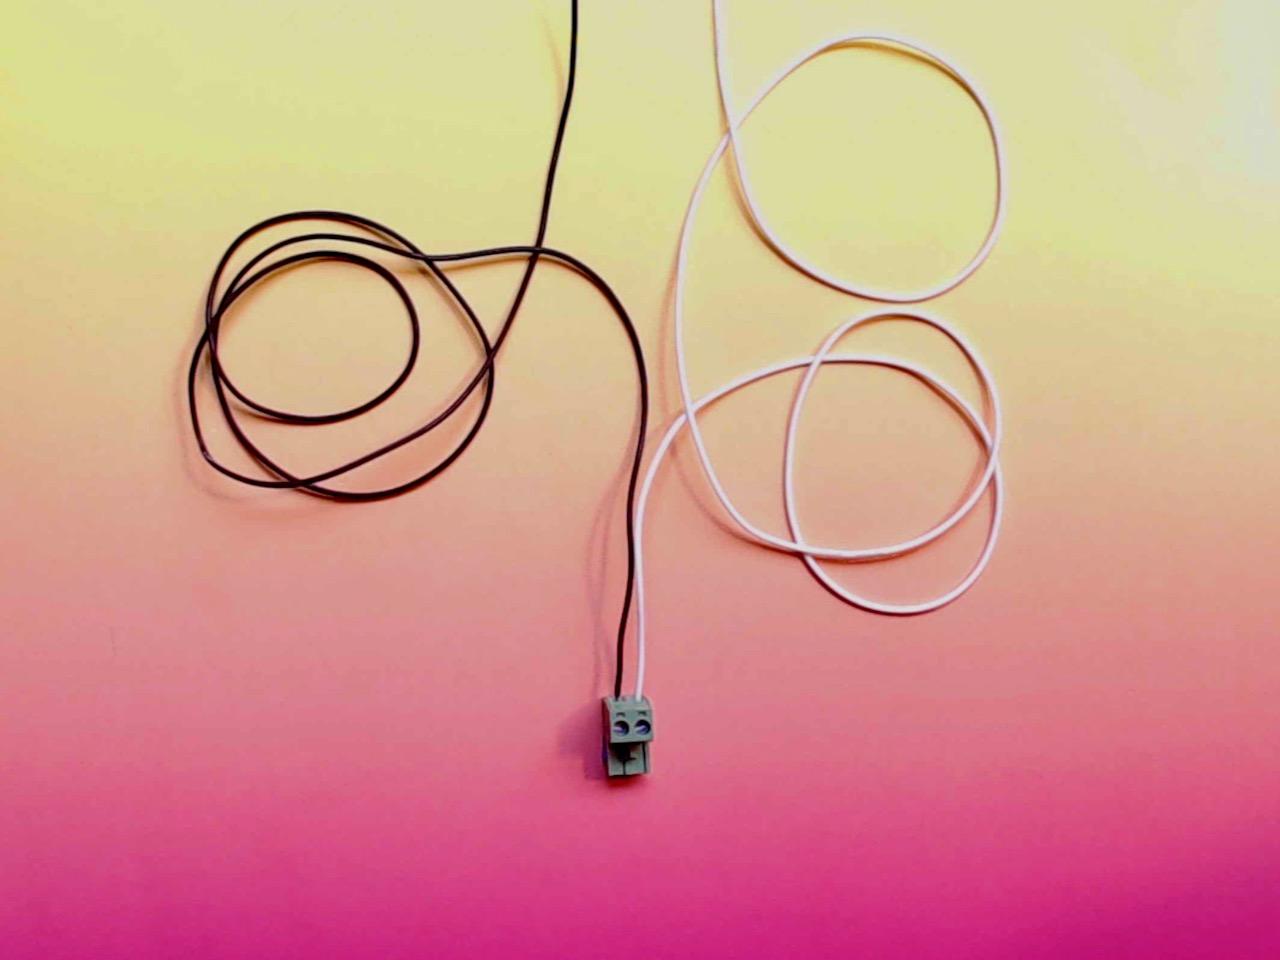 makecode_02_wireplug.jpeg